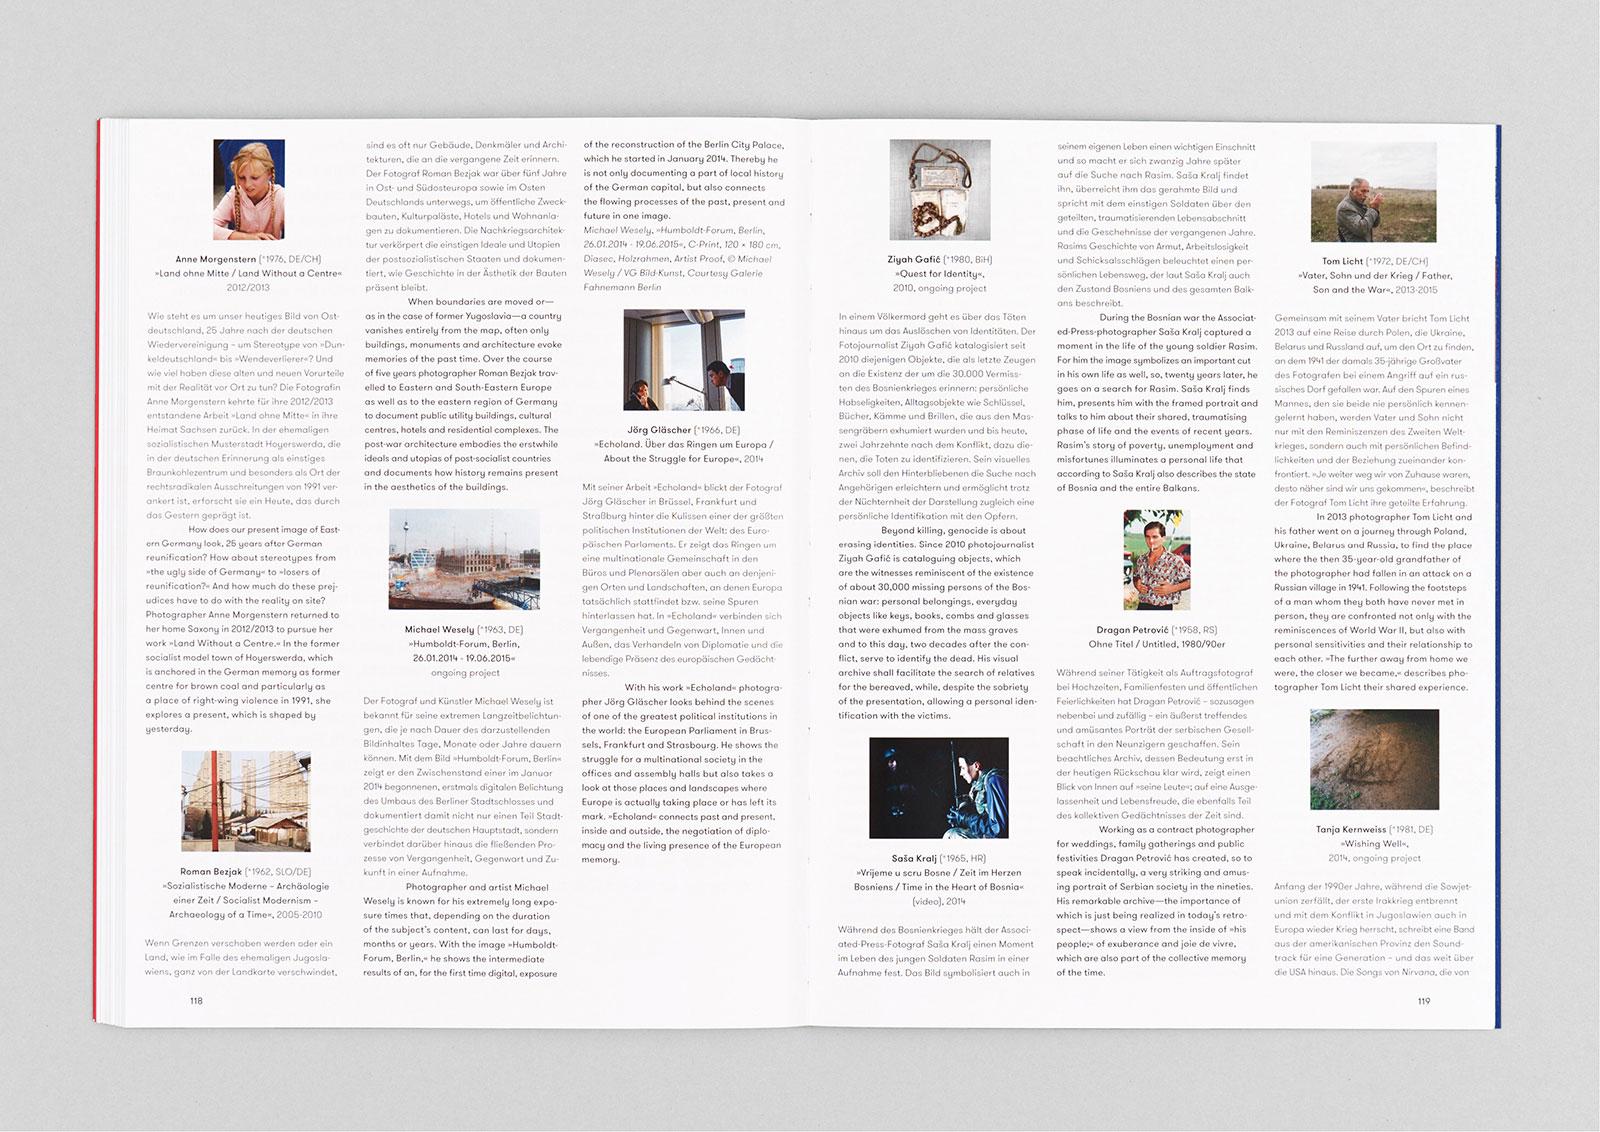 Fotodoks 2015 - Fonts In Use